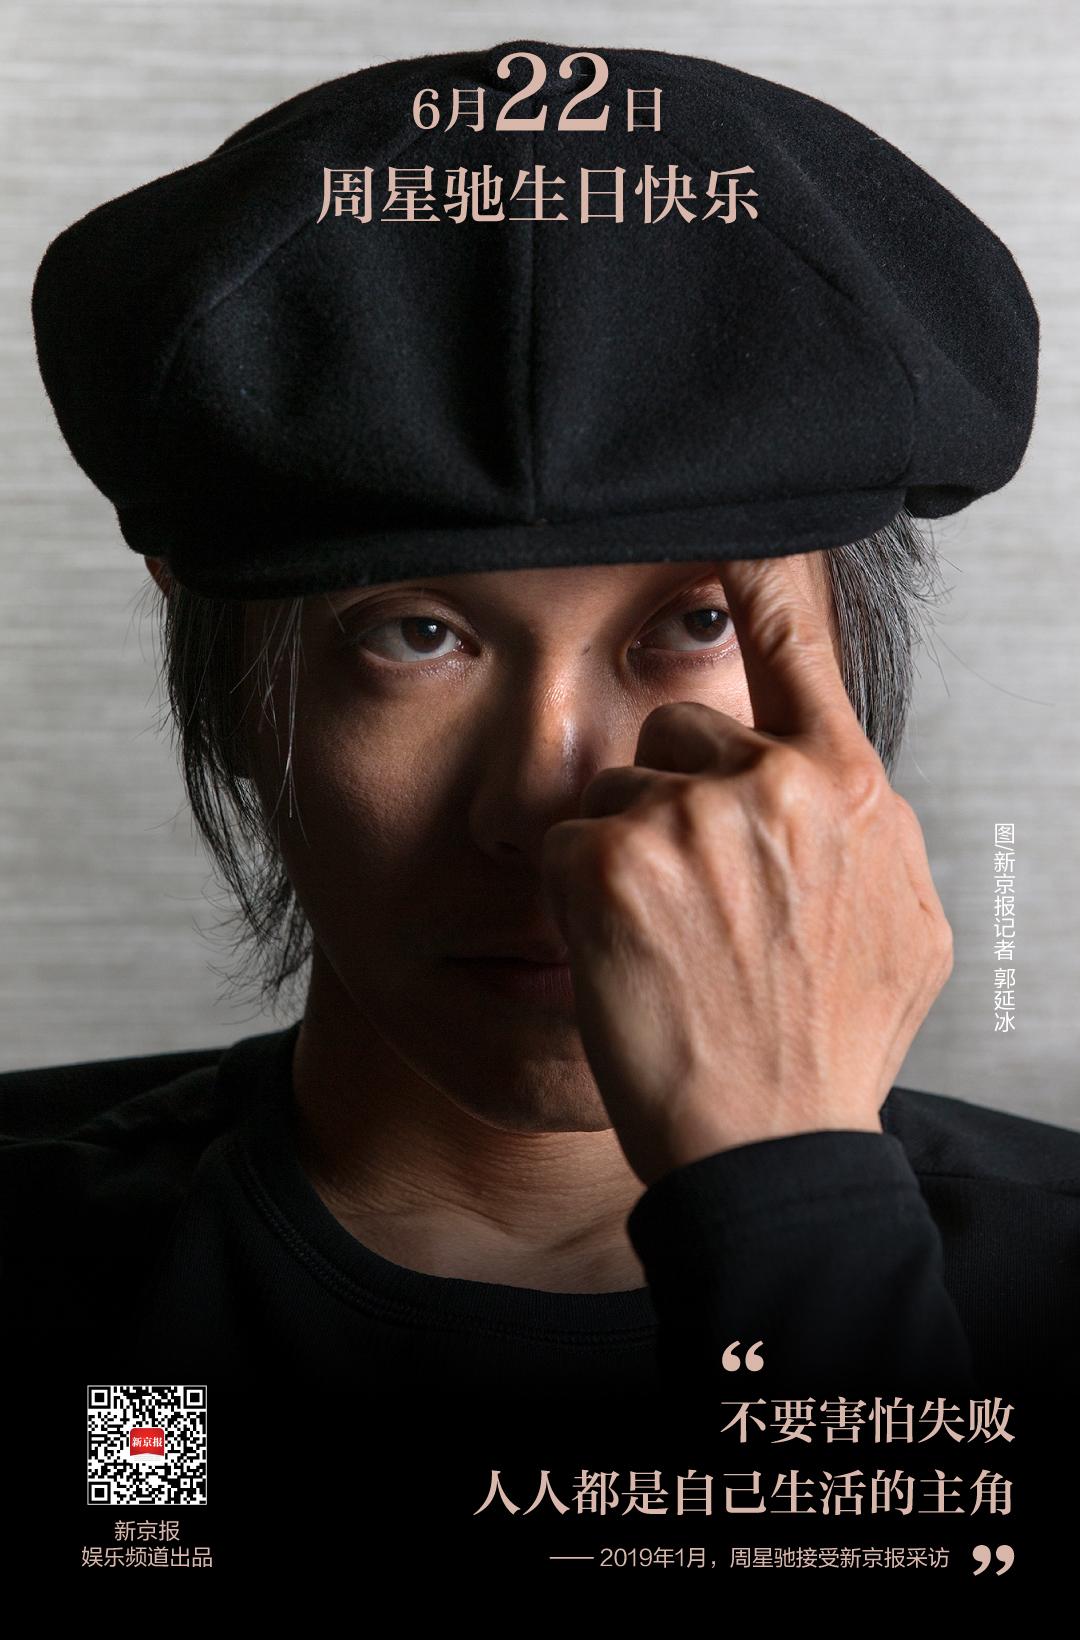 他是华语喜剧之王,用电影鼓励我们乐观向上丨日签